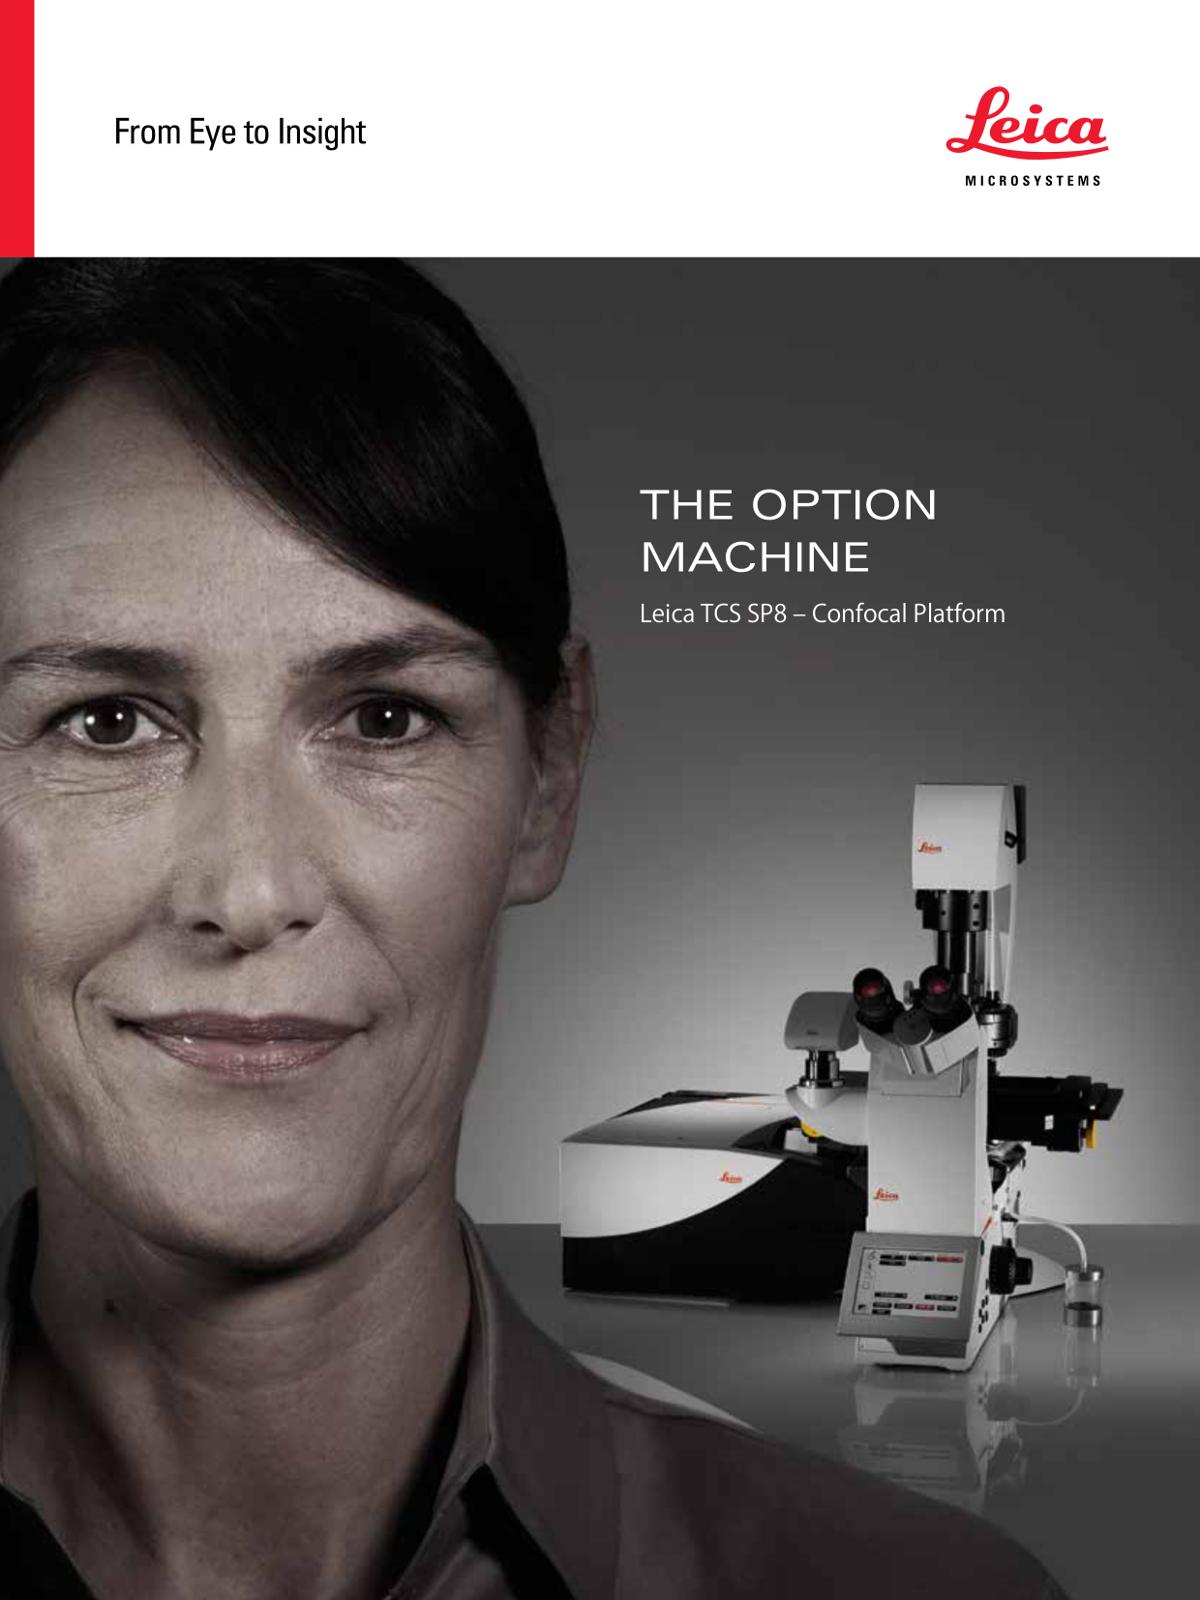 ダウンロード/共焦点レーザー顕微鏡 Leica TCS SP8(ライフサイエンス)カタログ